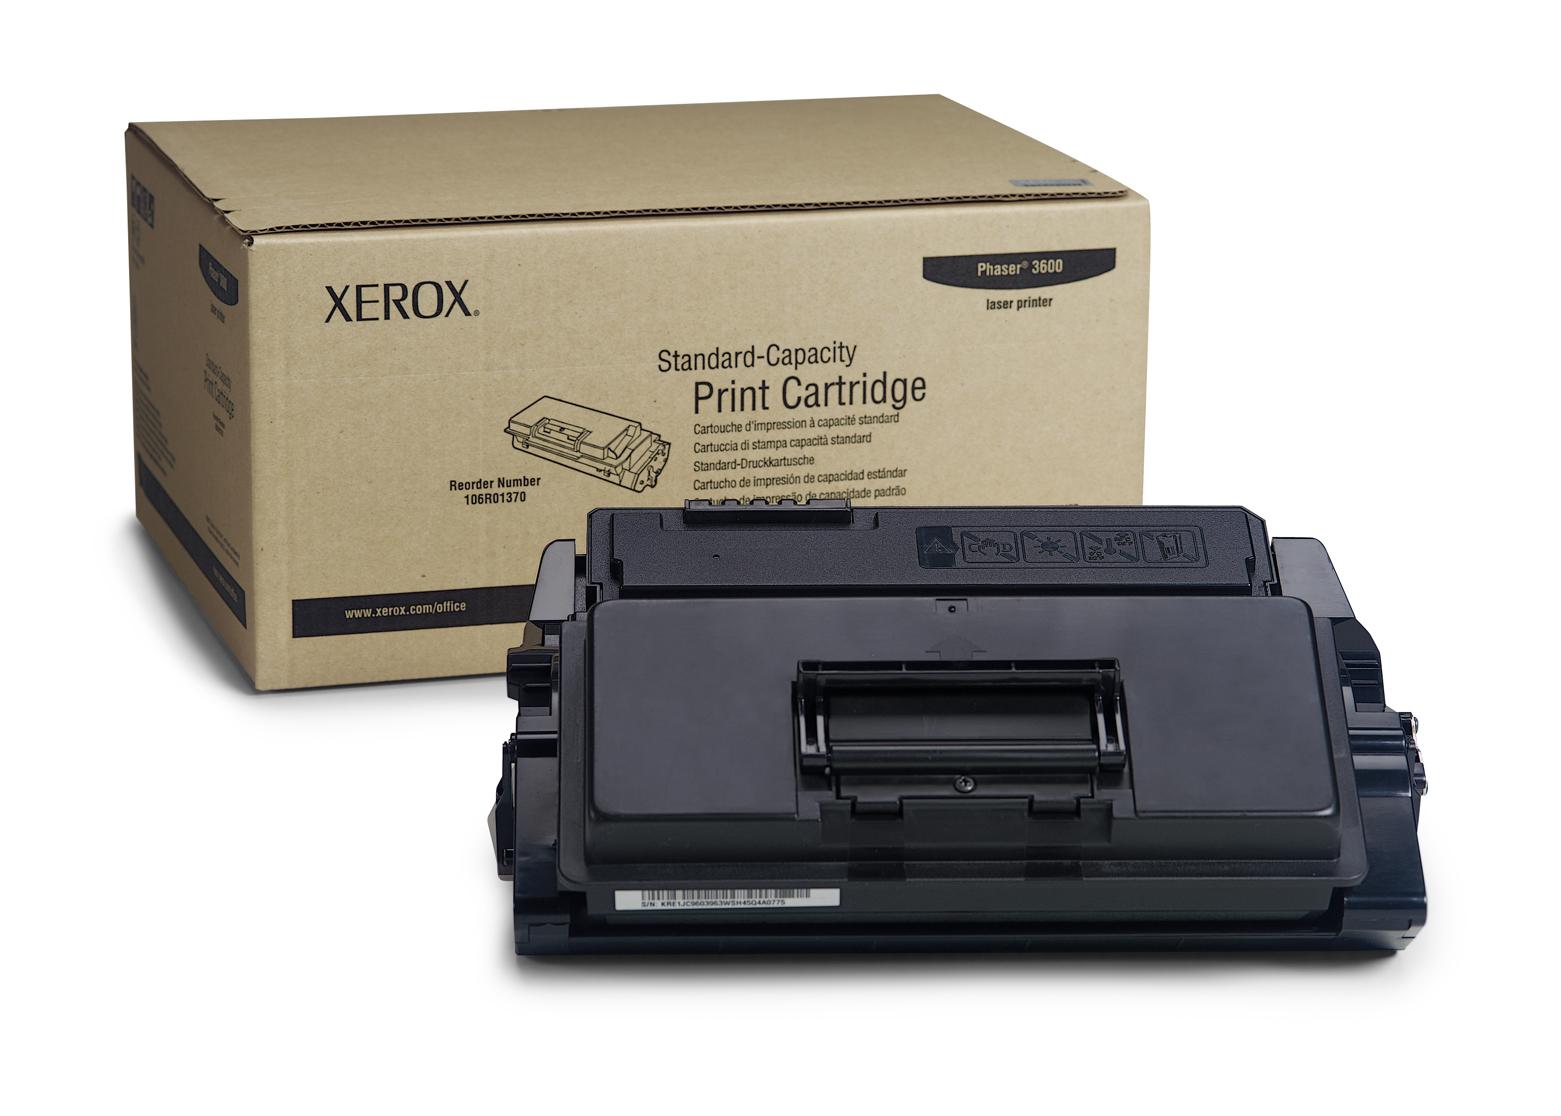 Xerox Cartucho de impresión Phaser 3600 de capacidad normal (7000 págs.)